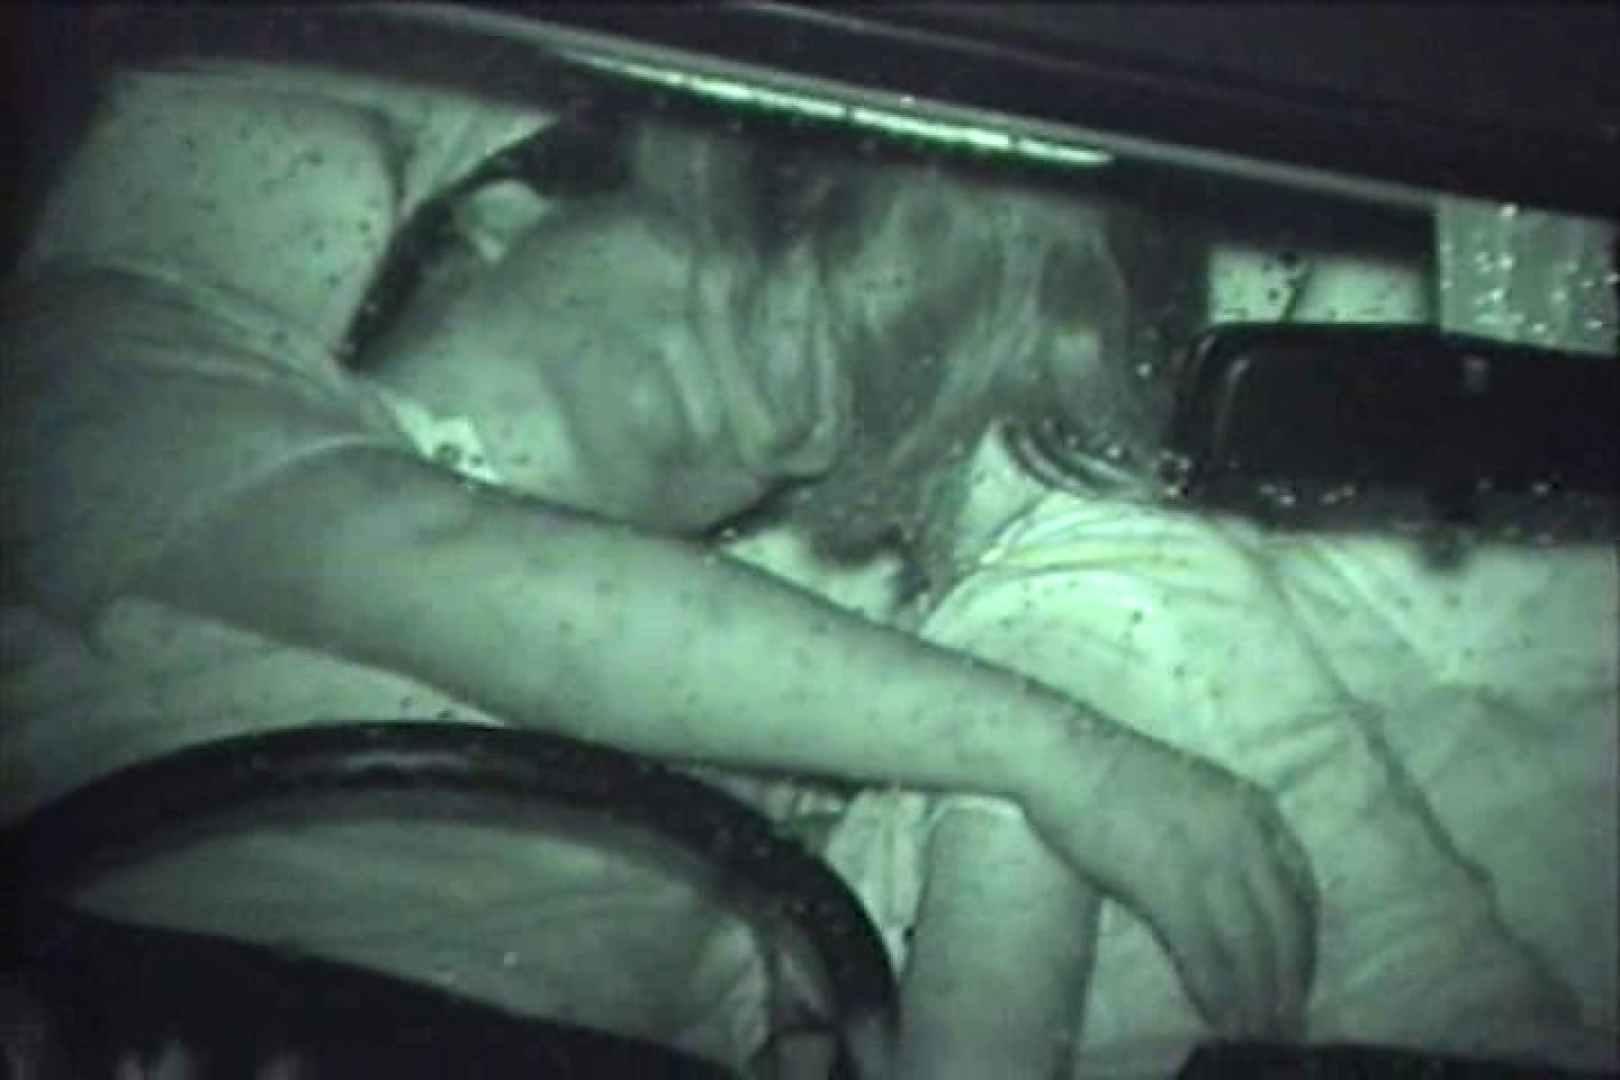 車の中はラブホテル 無修正版  Vol.17 ラブホテル SEX無修正画像 97画像 13